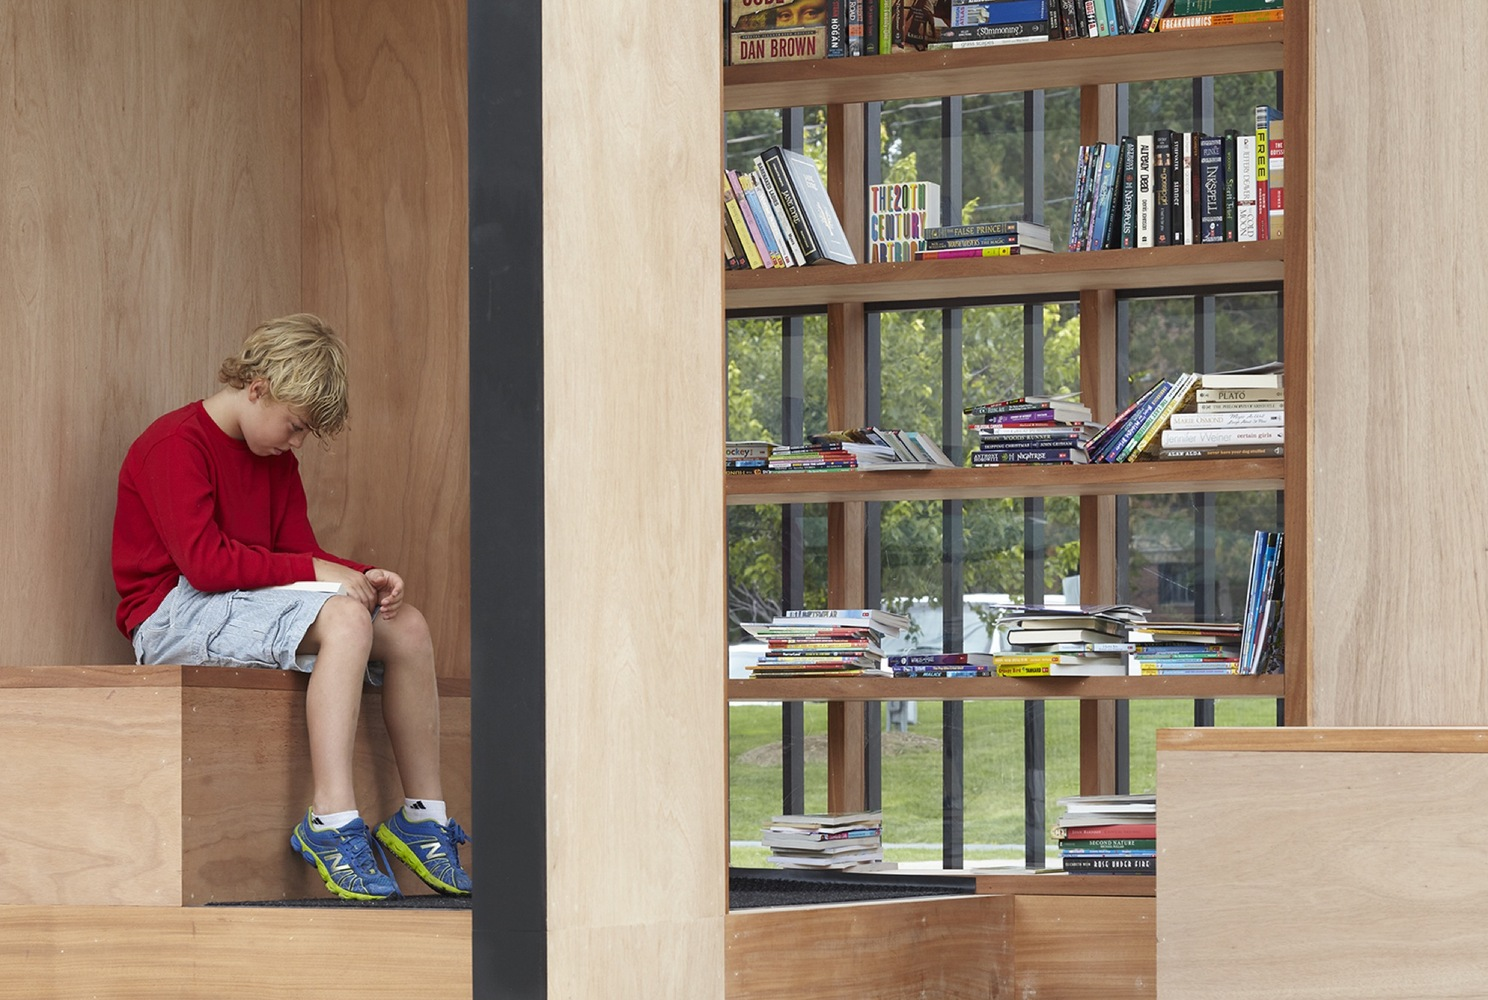 Дизайн интерьера общественных помещений: оформление помещения